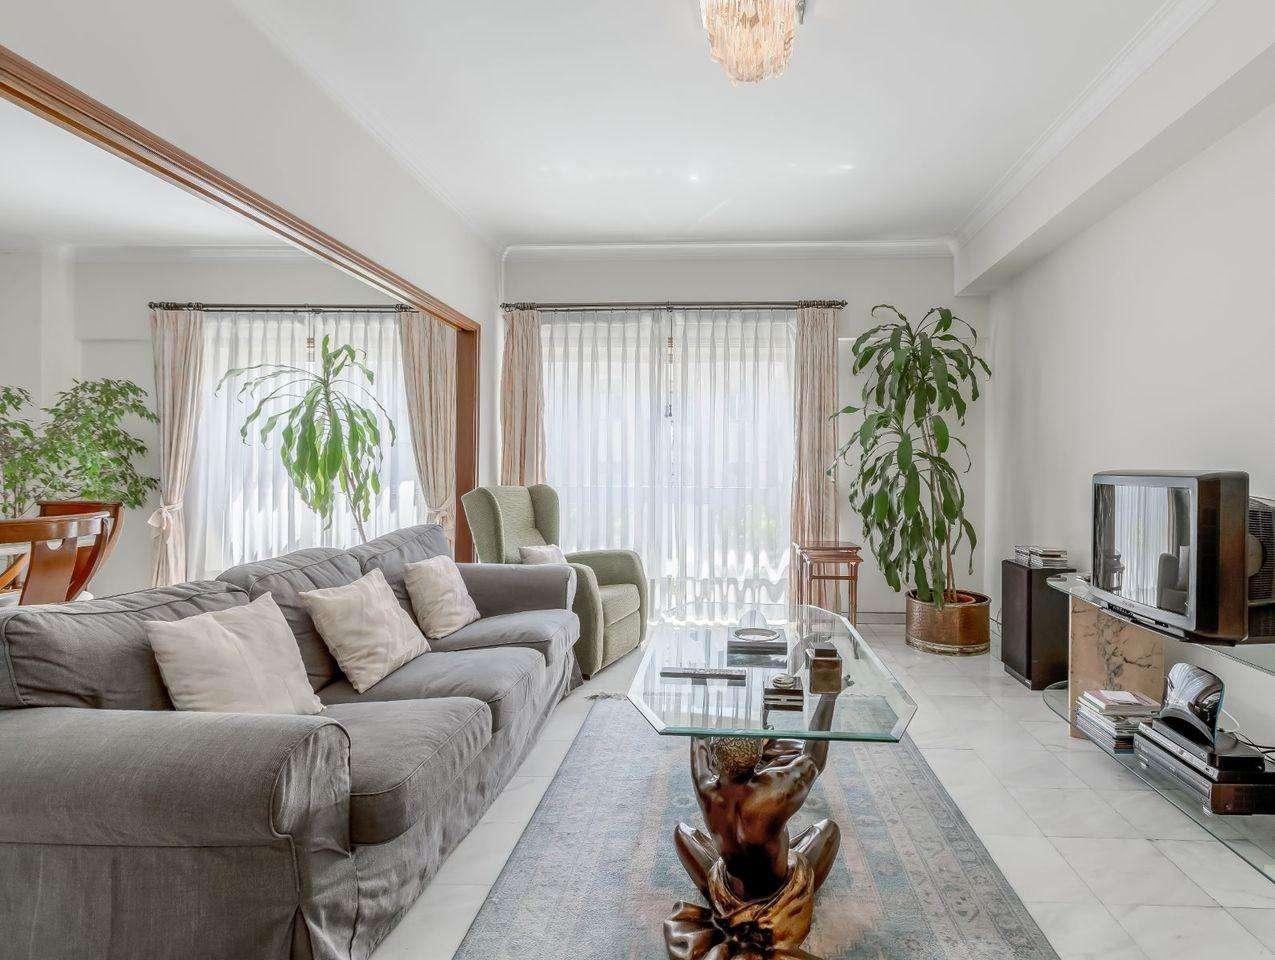 Apartamento para comprar, Amor, Leiria - Foto 1